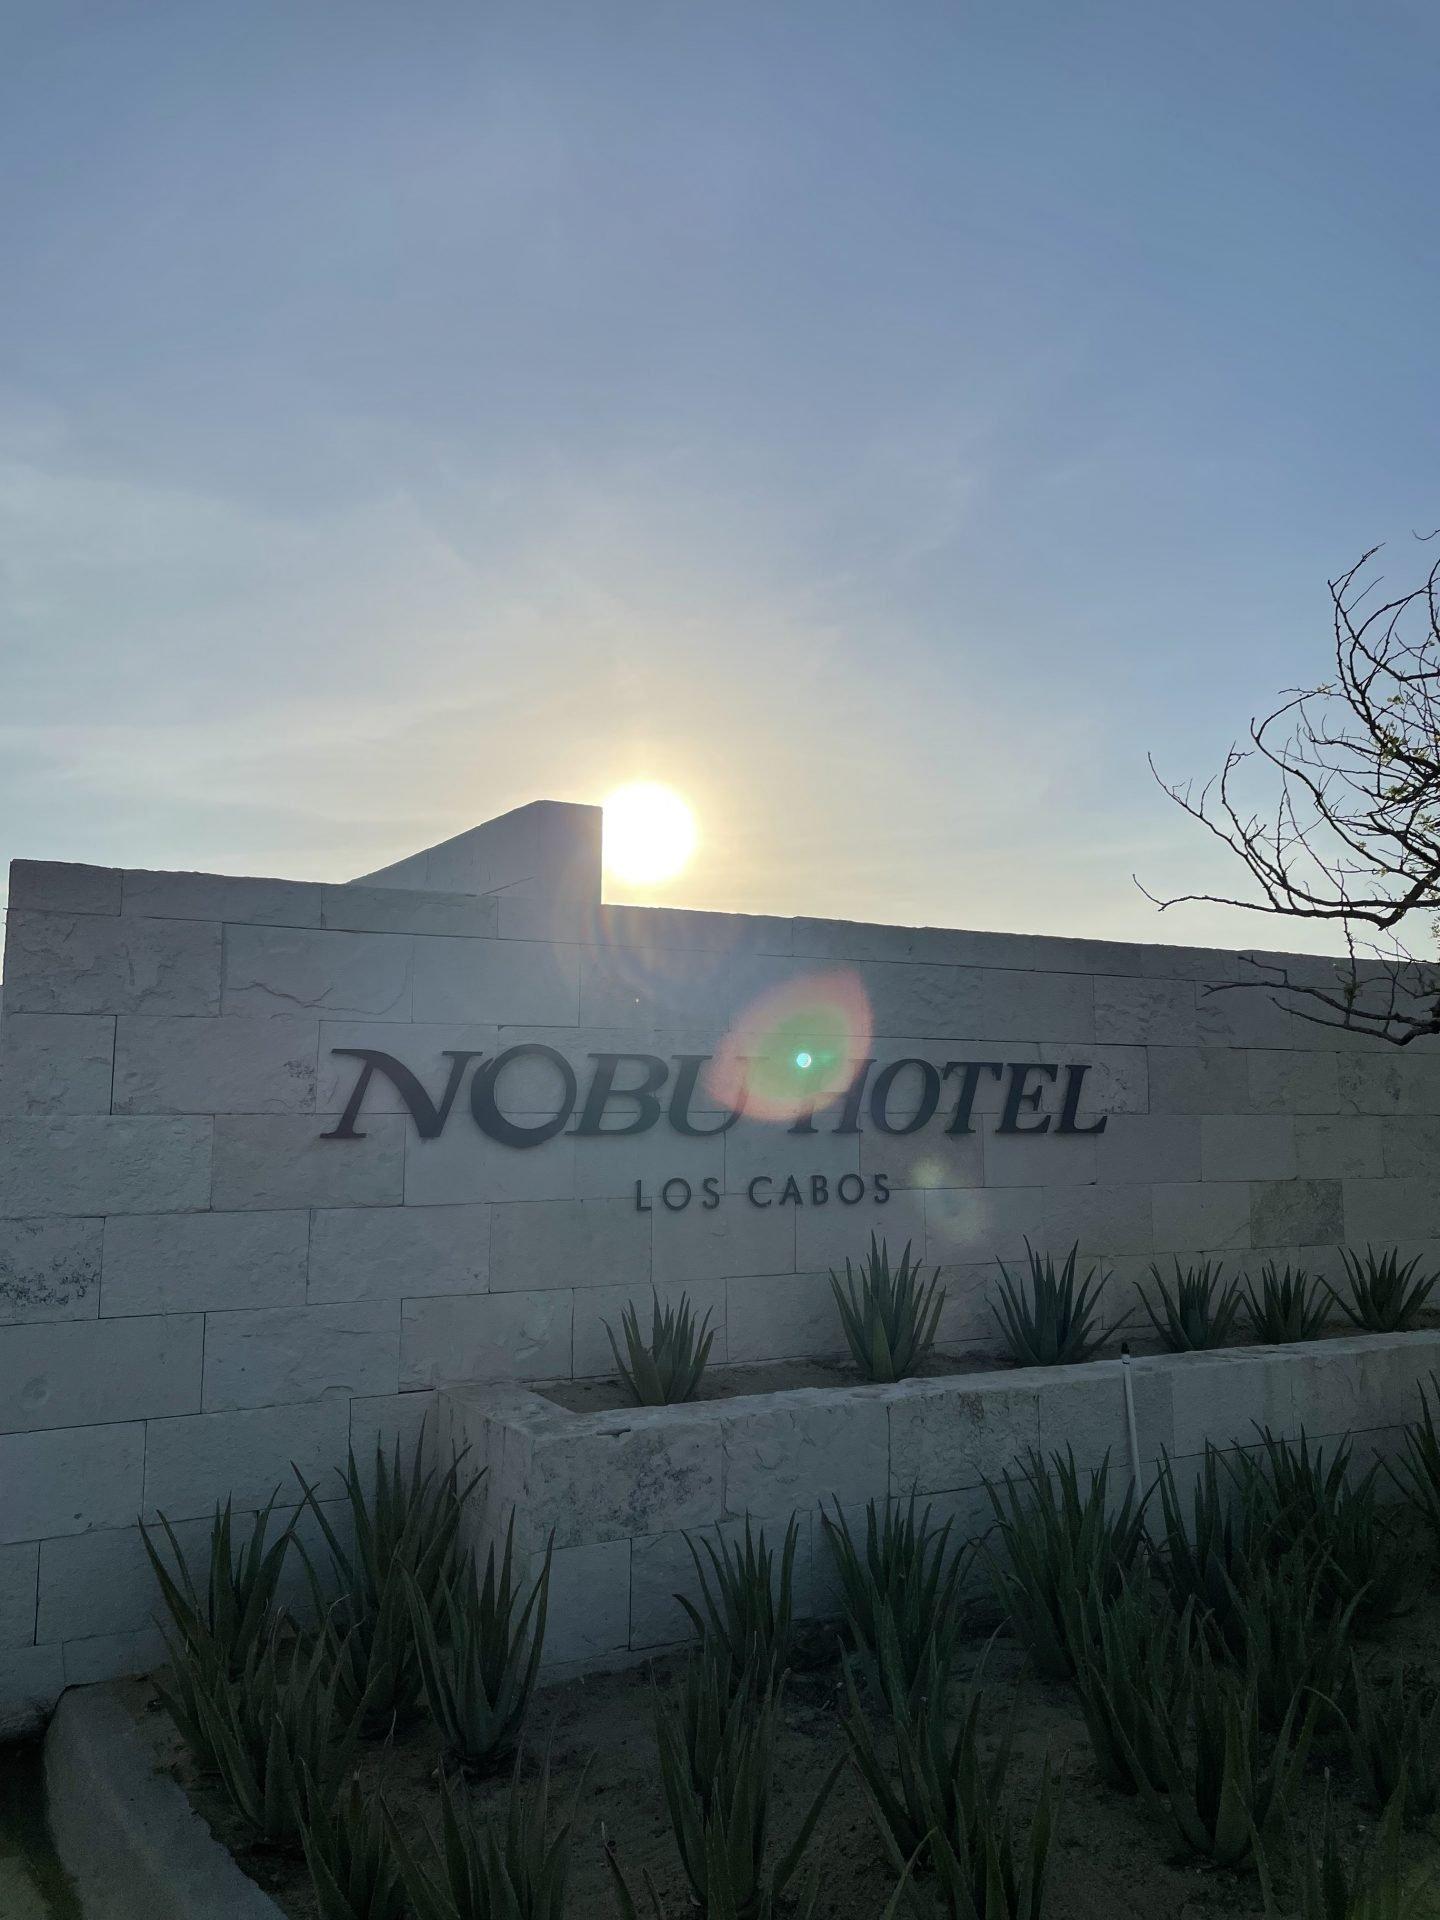 nobu los cabos hotel entrance